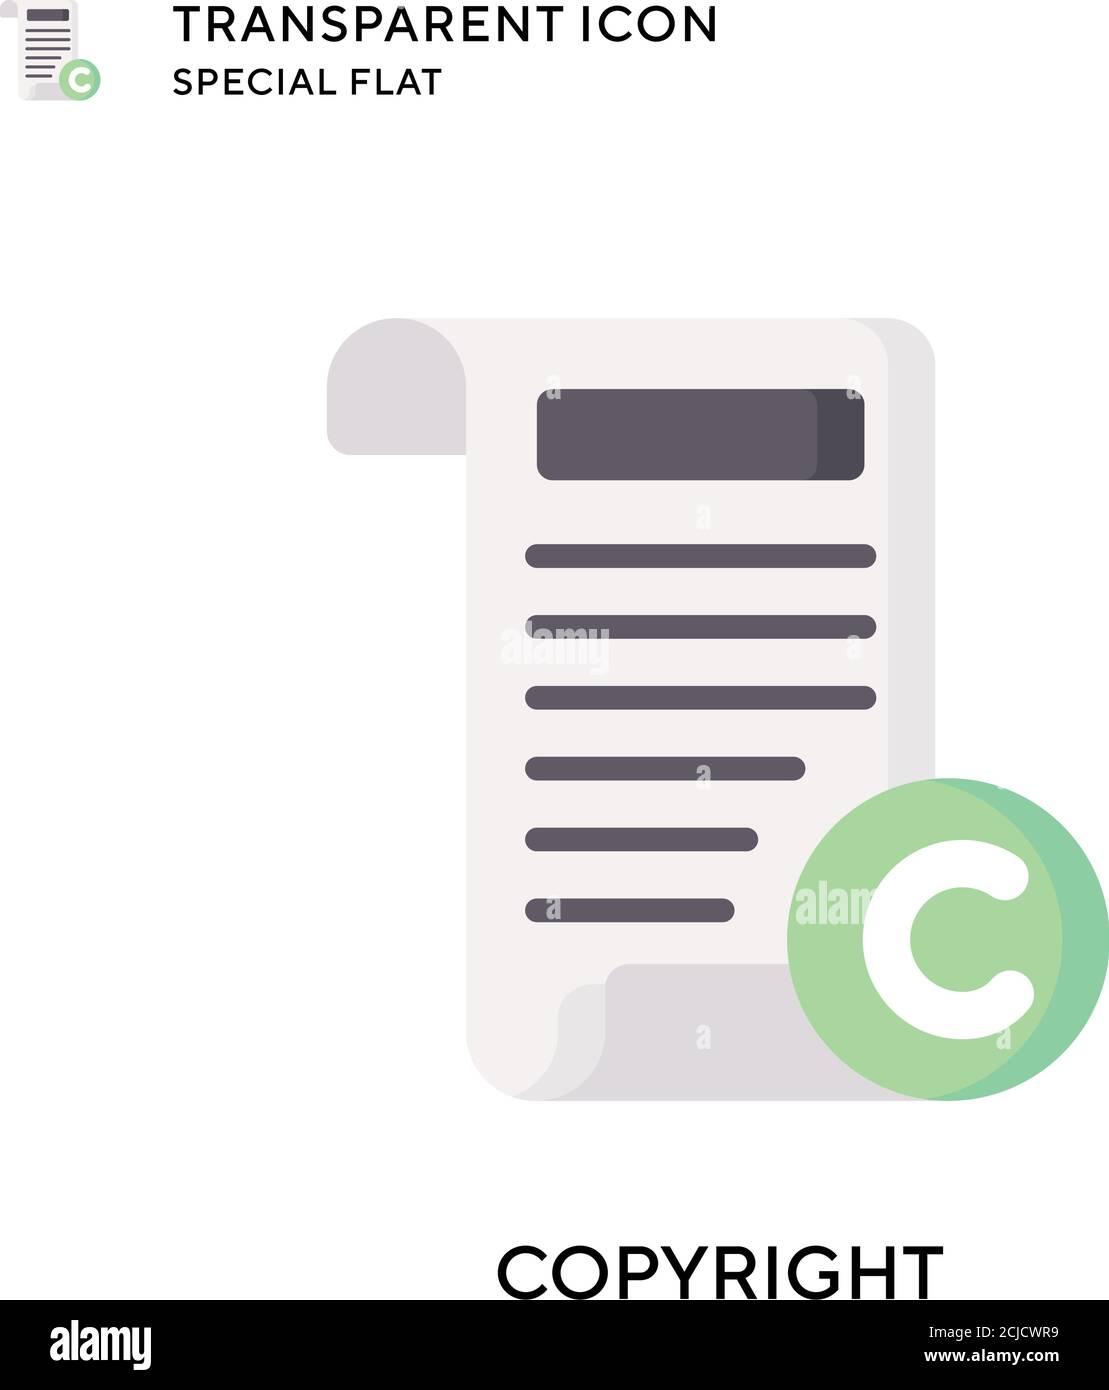 Icono de vector de copyright. Ilustración de estilo plano. EPS 10 vector. Ilustración del Vector